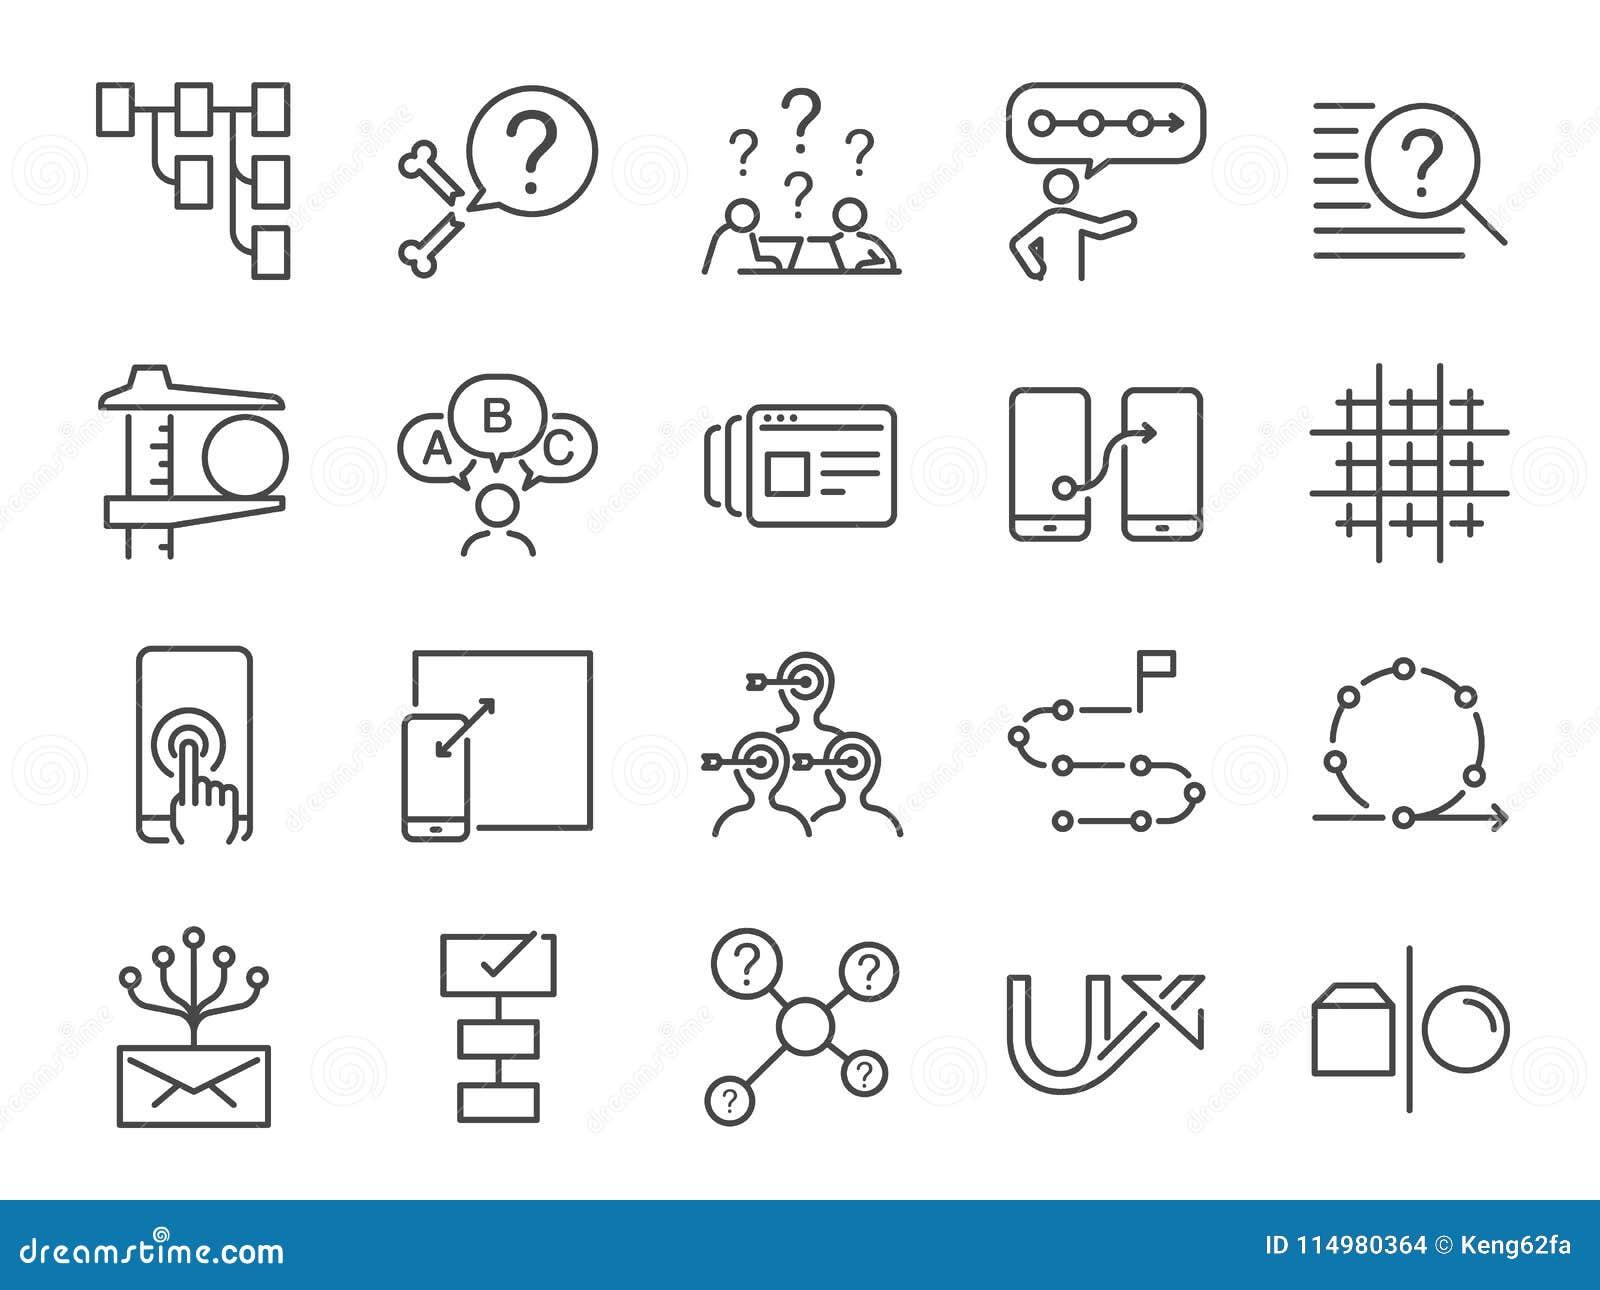 UX-pictogramreeks Omvatte de pictogrammen als gebruikerservaring, stroom, prototype, behendig, netsysteem, doel, oplossing, proce